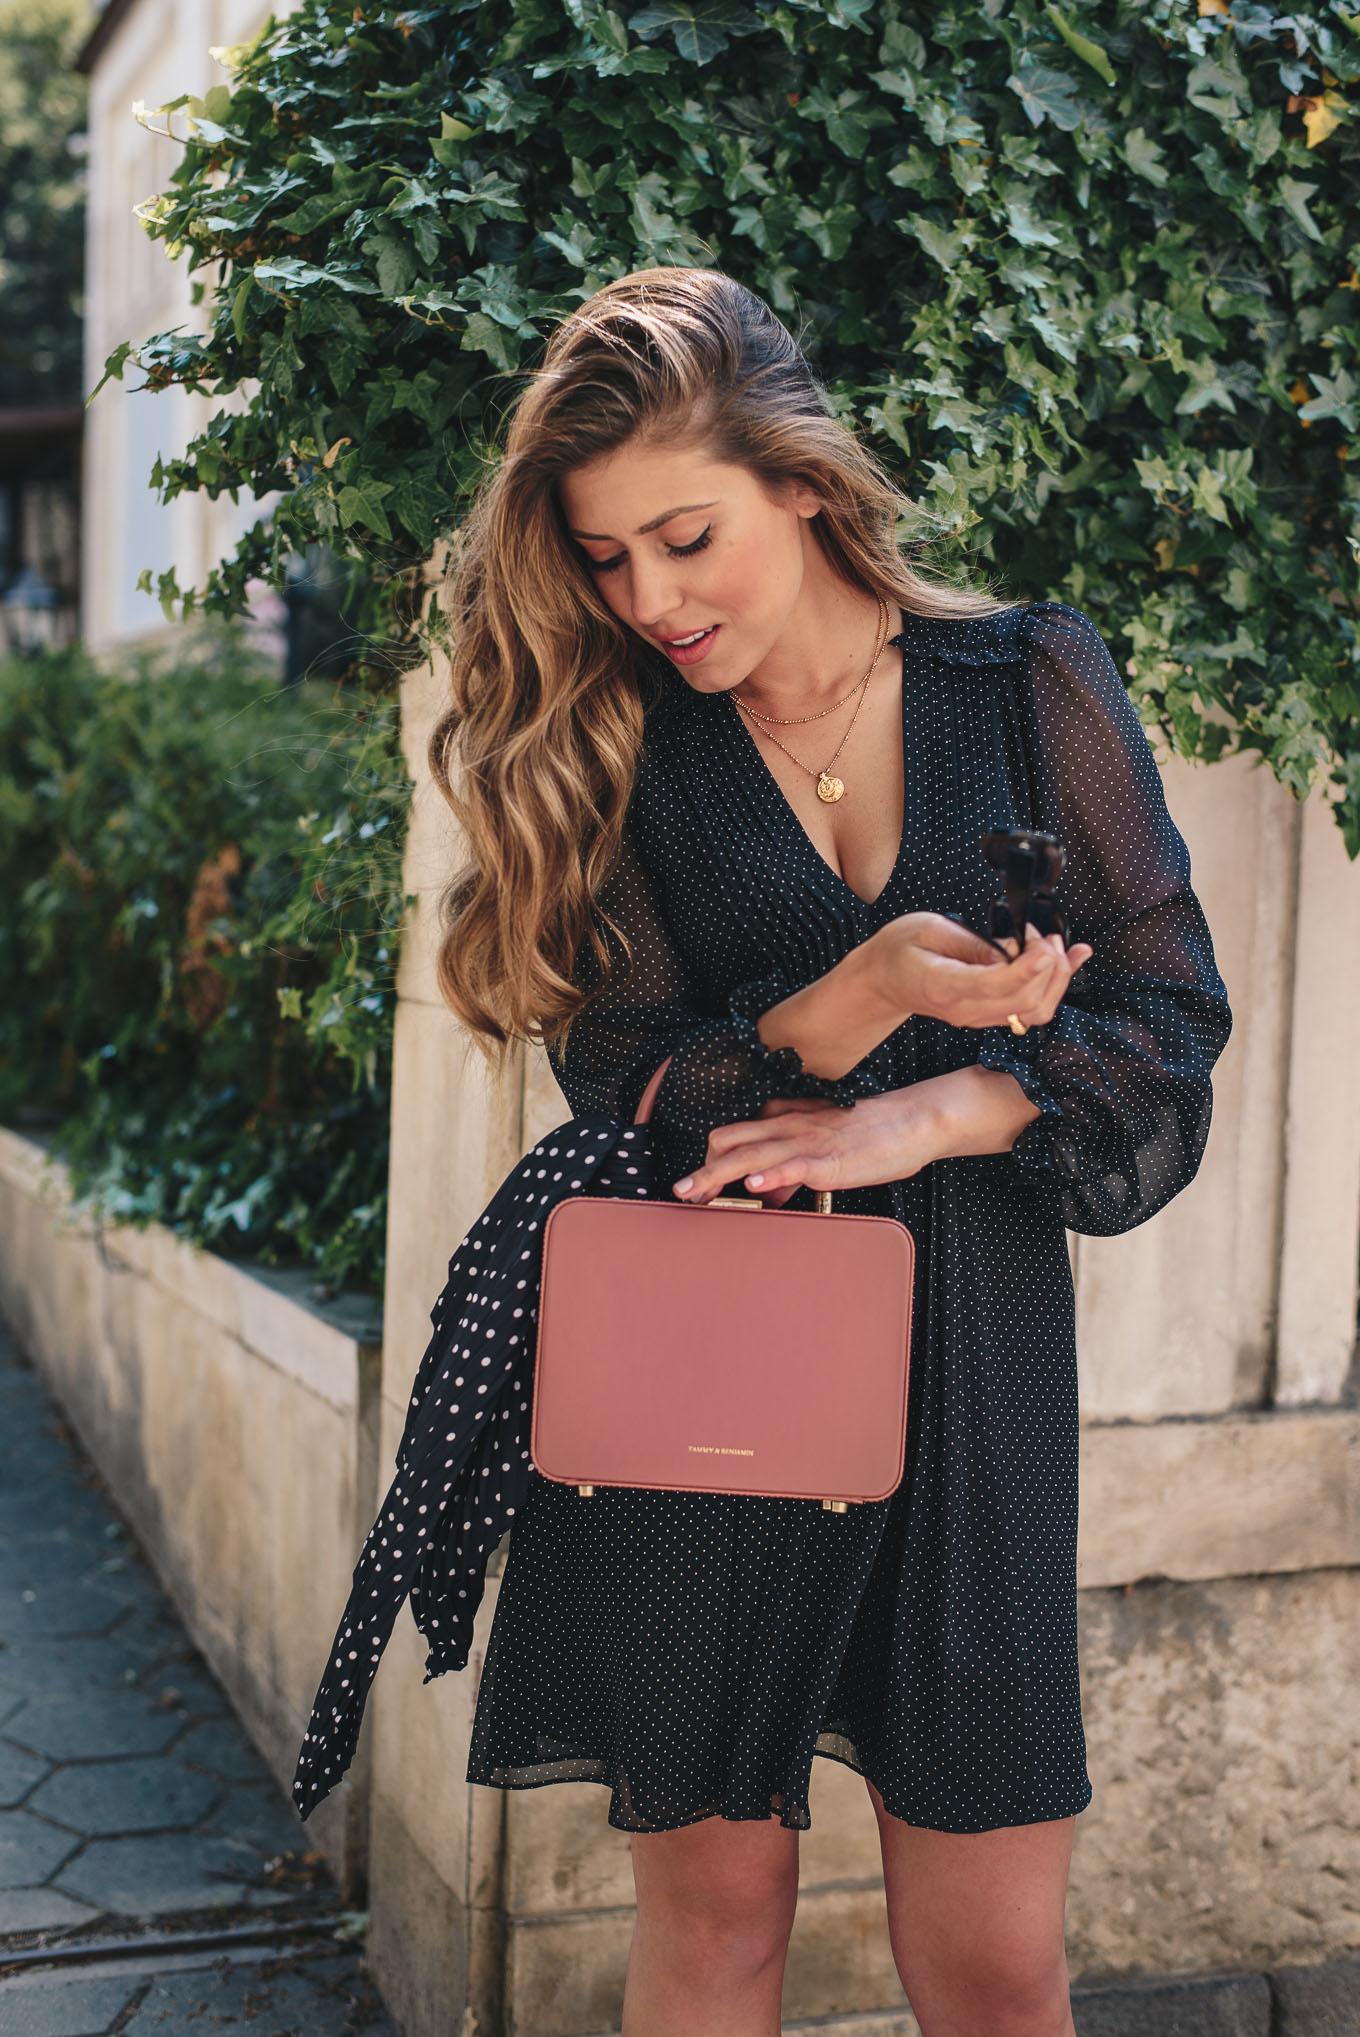 Tammy Benjamin lovely handbag